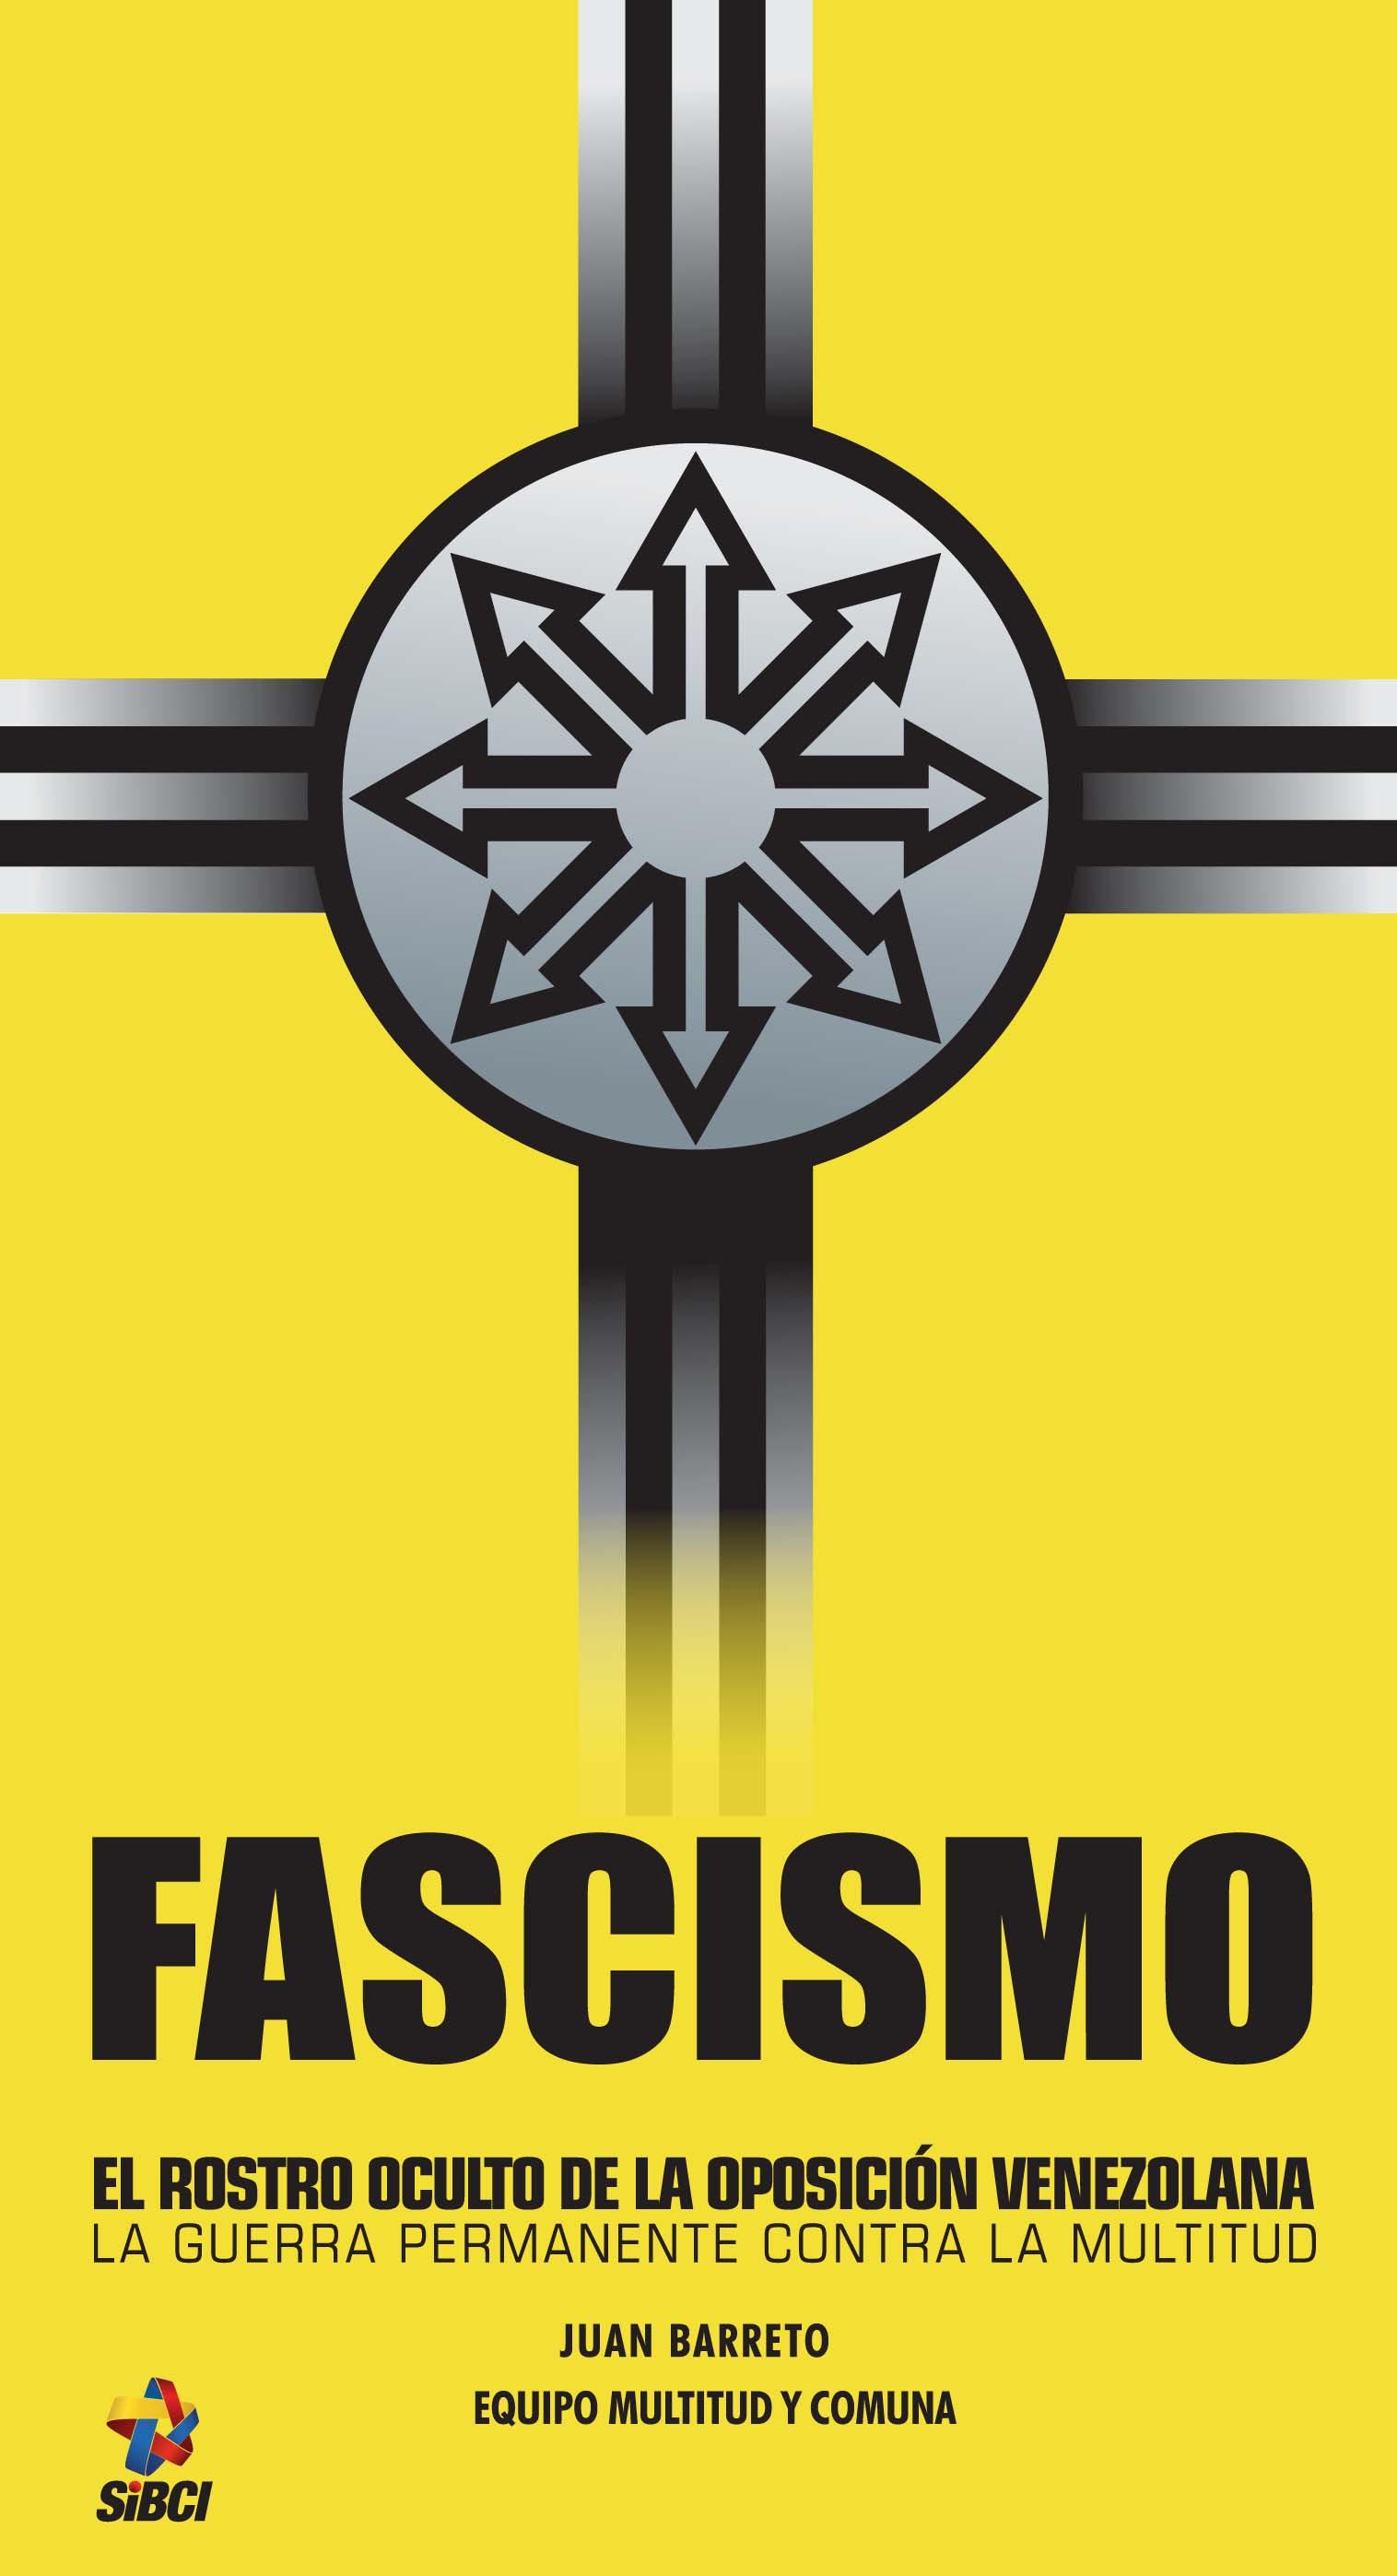 fascismo portada con contraportada sa